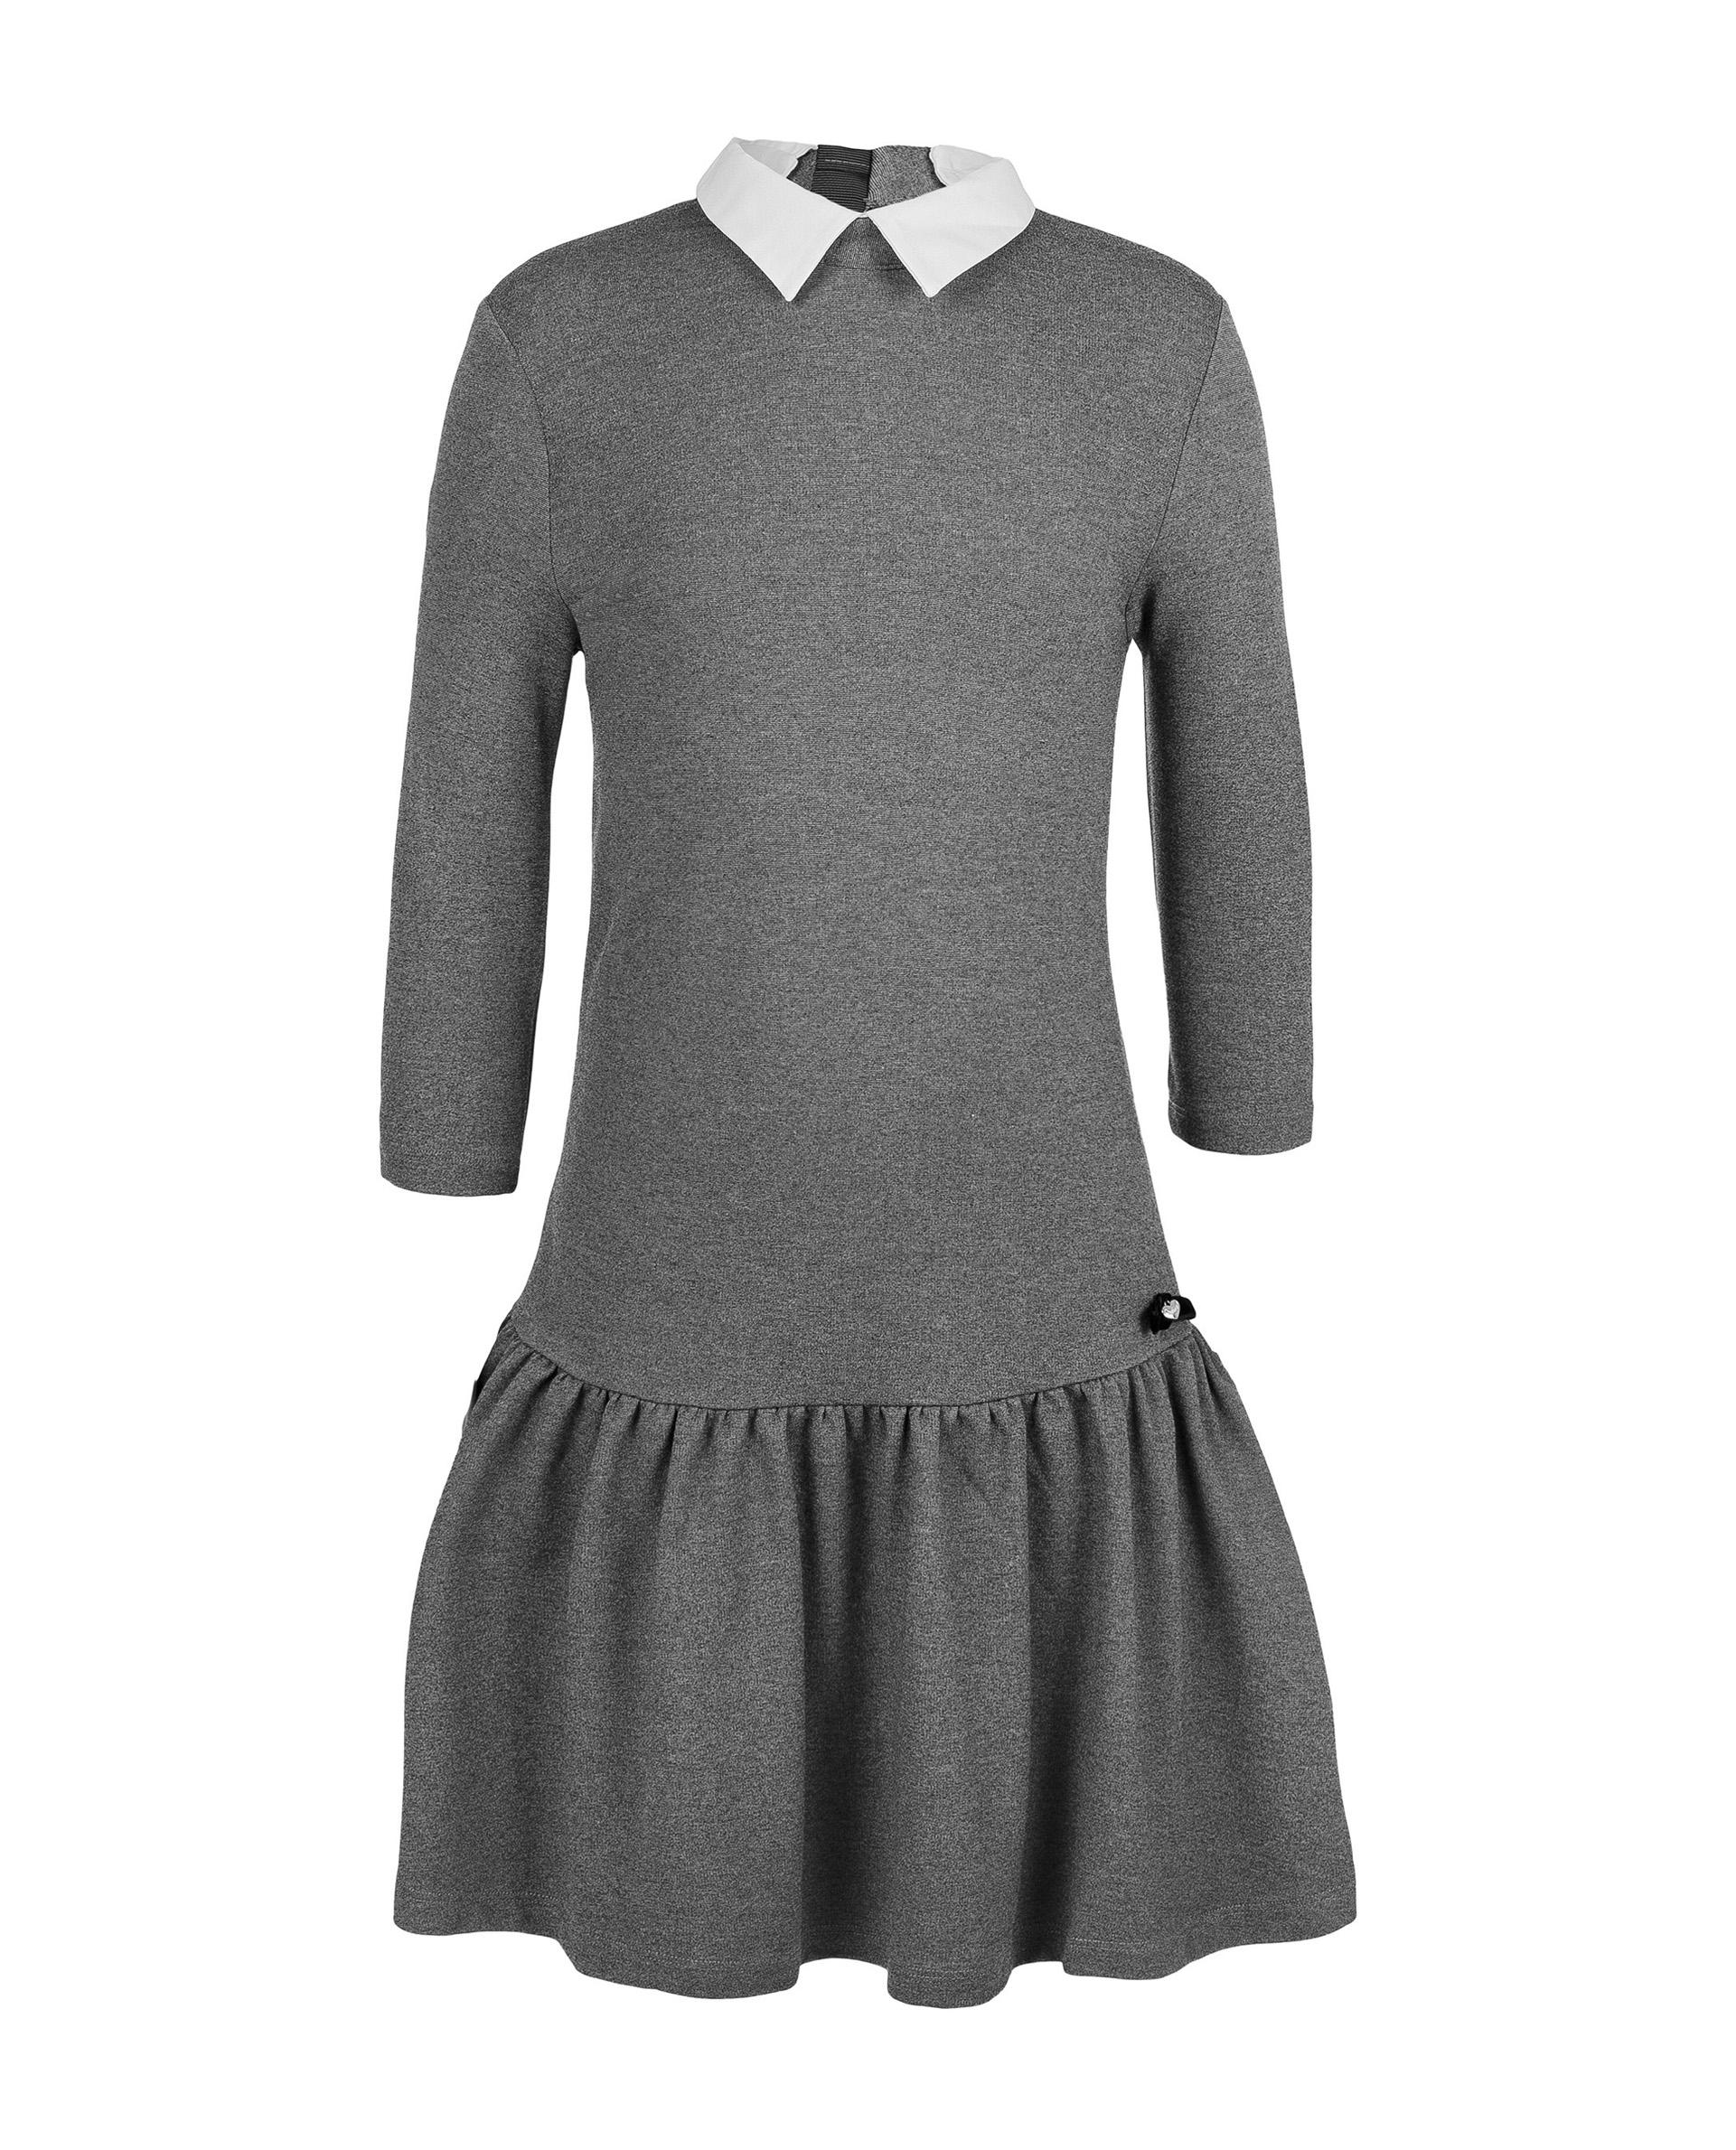 Купить 219GSGC5003, Серое платье Gulliver, серый, 146, Женский, ШКОЛЬНАЯ ФОРМА 2019-2020 (shop: GulliverMarket Gulliver Market)